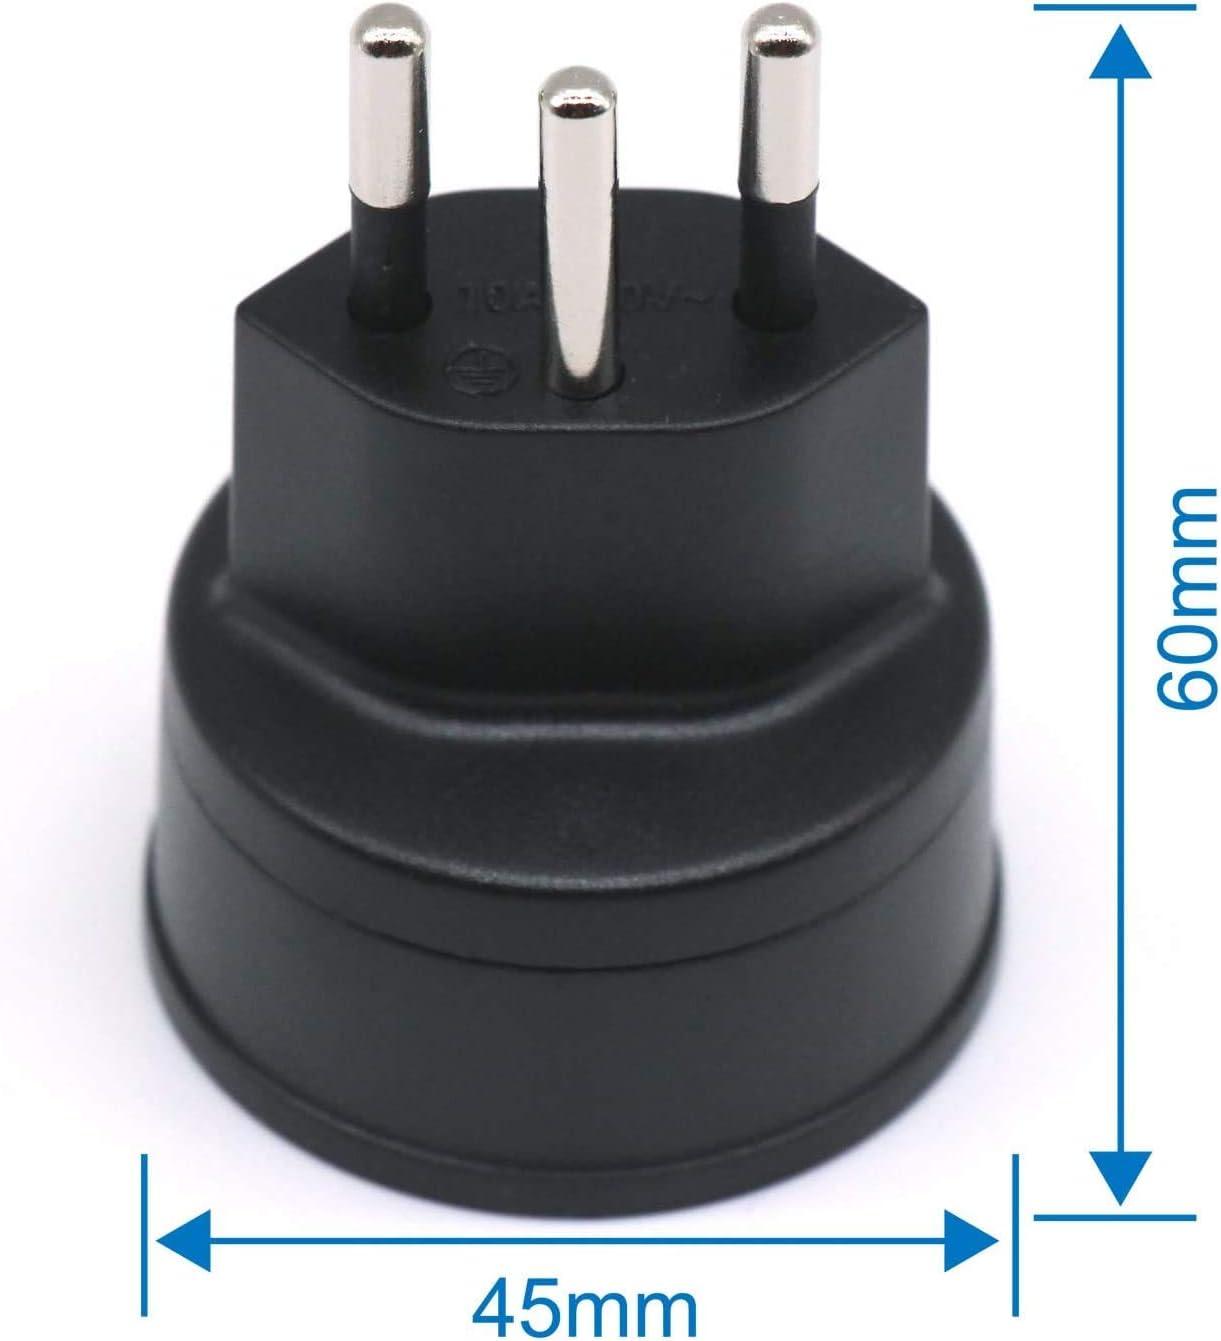 Enchufe Adaptador de UE a Suiza/Liechtenstein, Enchufe de 2 Clavijas de DE/FR/IT/ES a Conector de 3 Clavijas Tipo Suiza para Visitantes de Francia/Alemania (3 Piezas Negra): Amazon.es: Electrónica